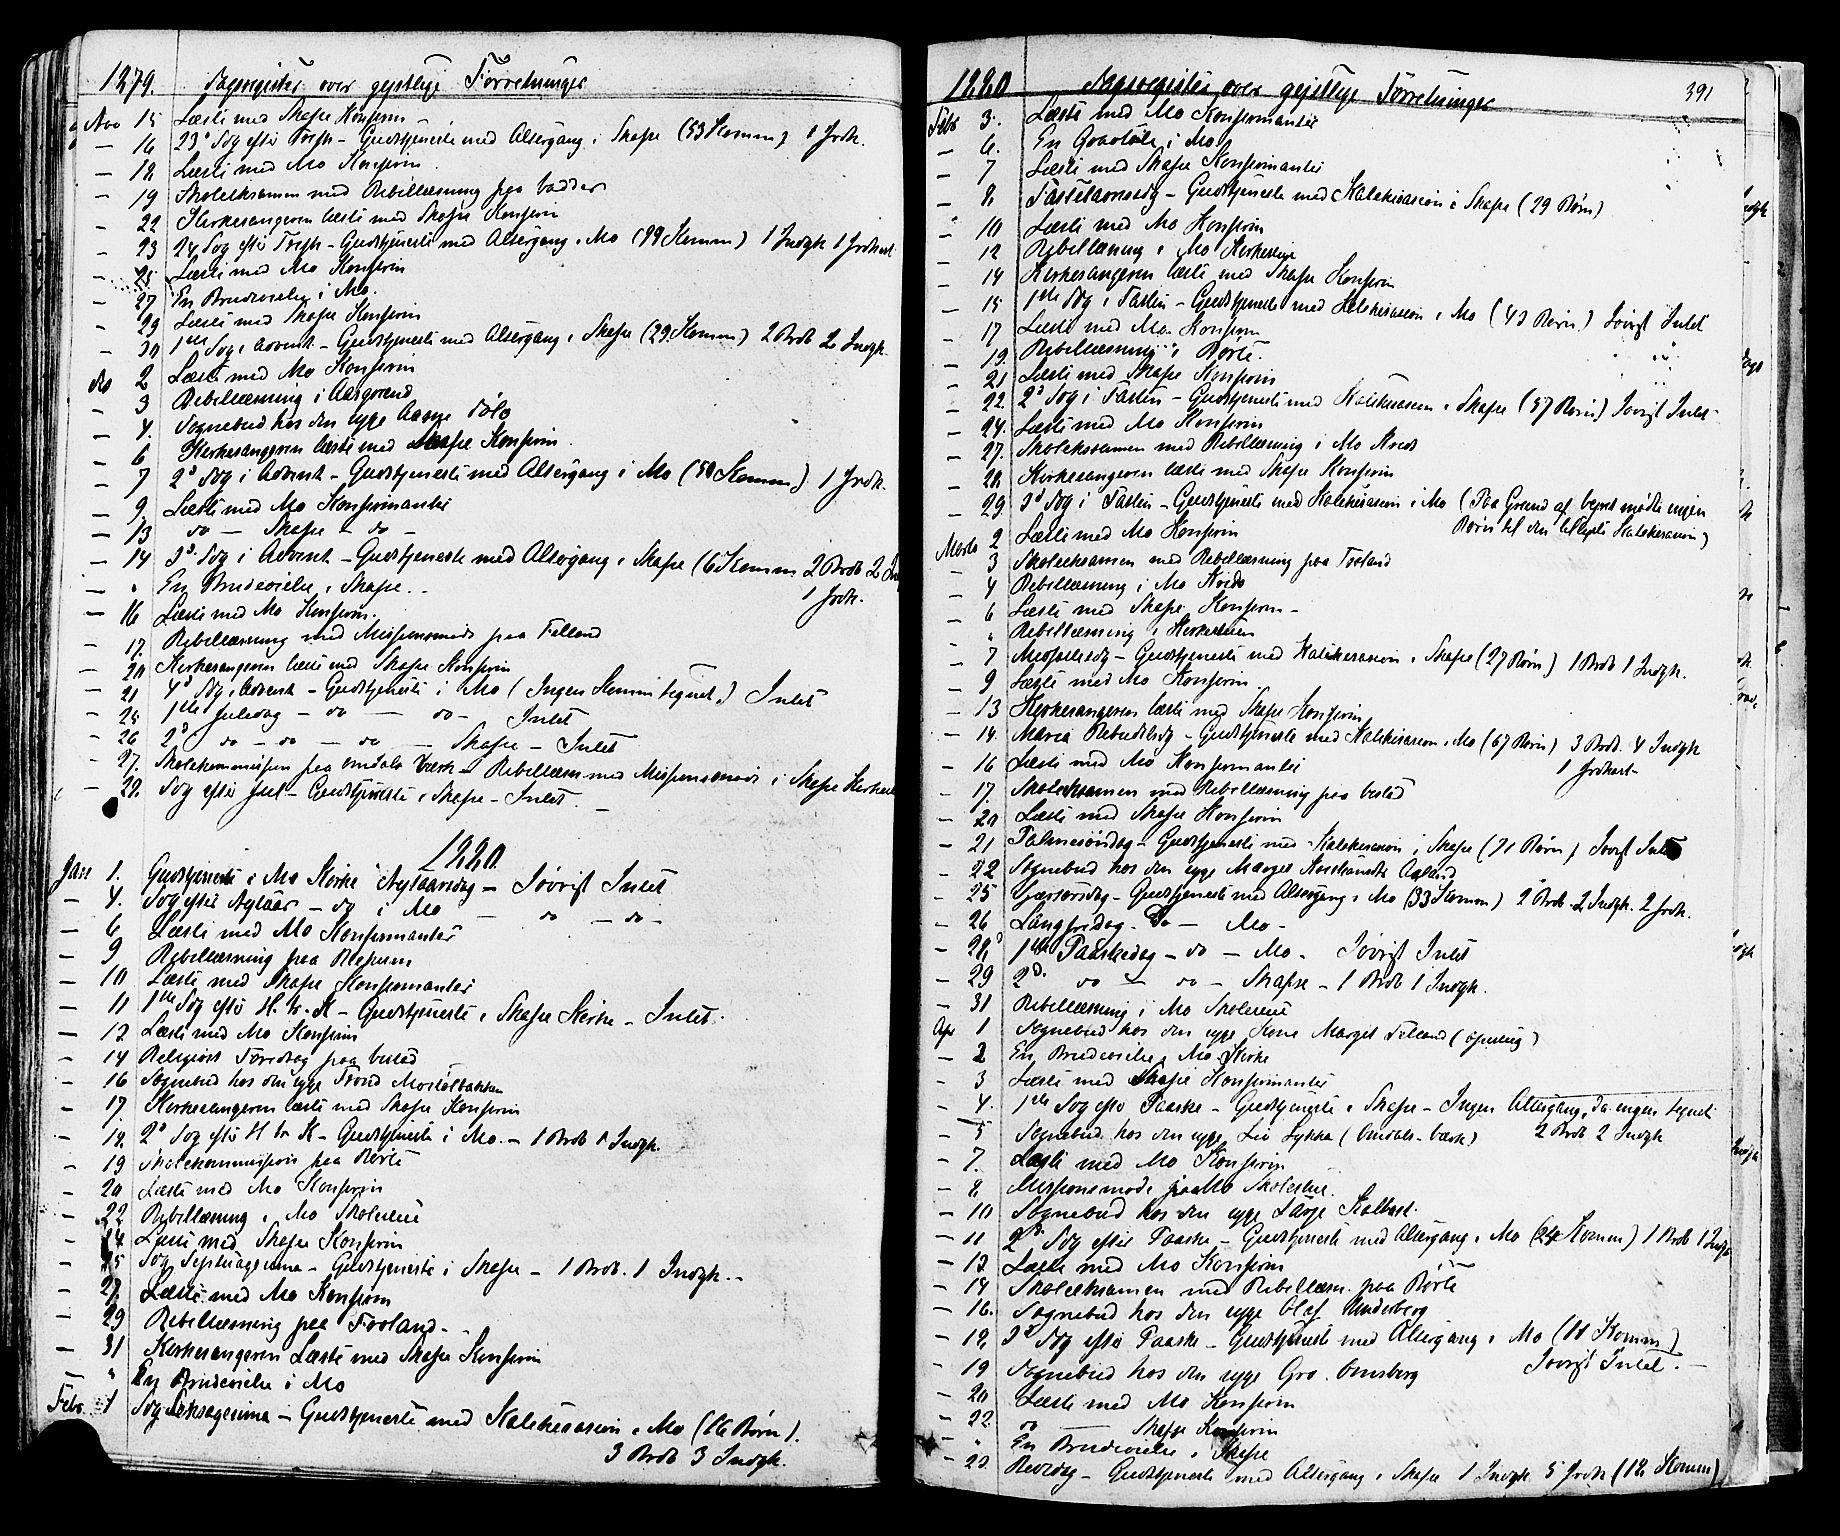 SAKO, Mo kirkebøker, F/Fa/L0006: Ministerialbok nr. I 6, 1865-1885, s. 391